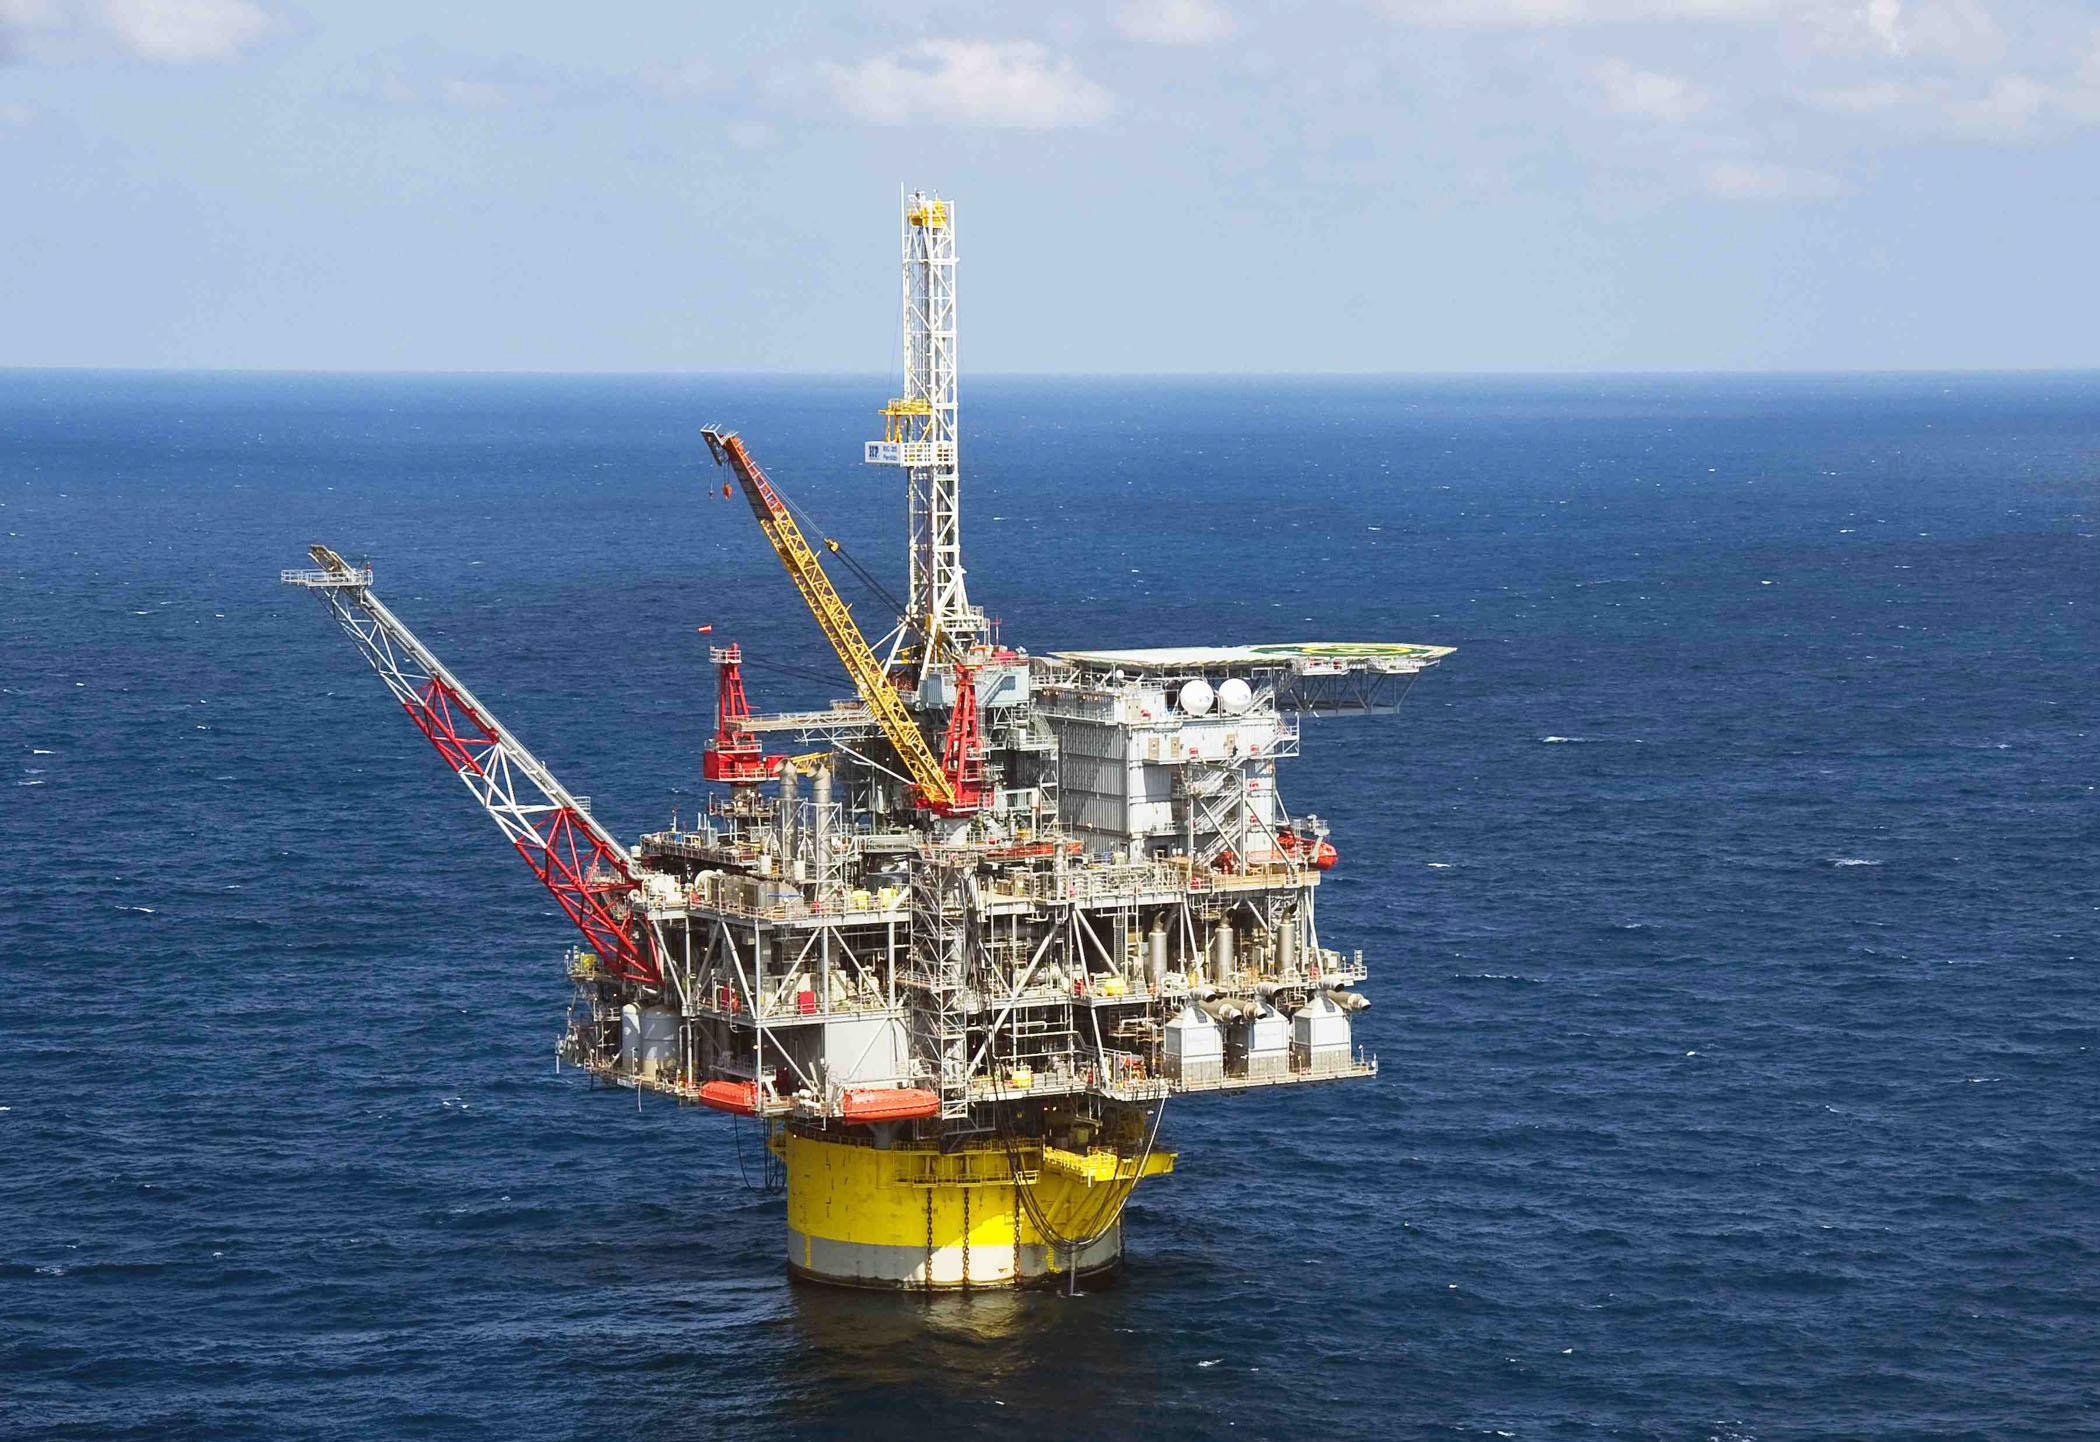 Naftna platforma kompanije Shell u Meksičkom zalivu (Foto: EPA/Mike Duhon)